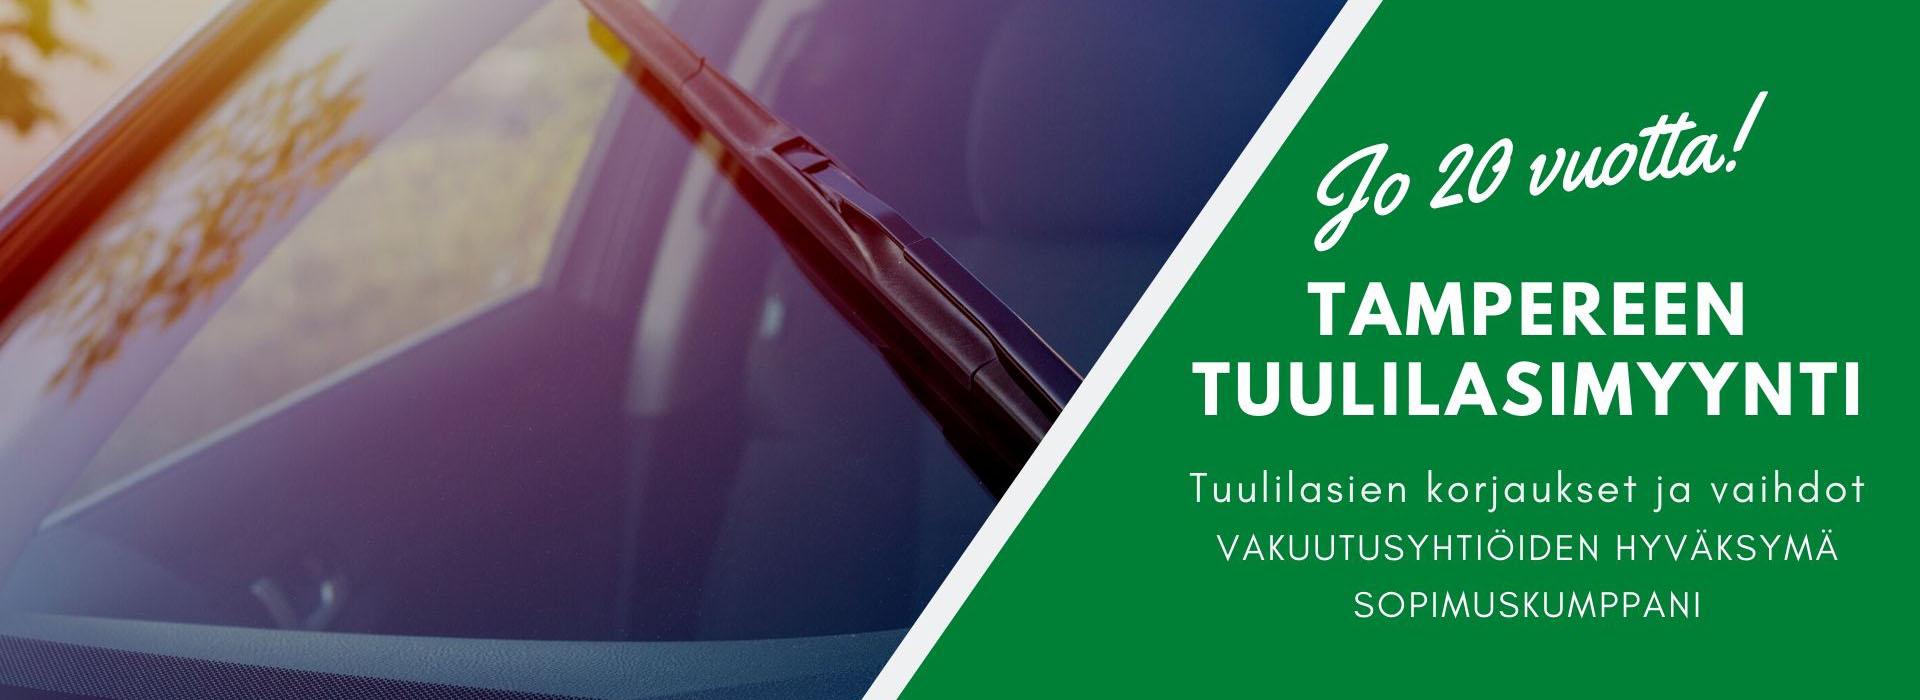 Tampereen Tuulilasimyynti Oy - jo 20 vuotta toimintaa